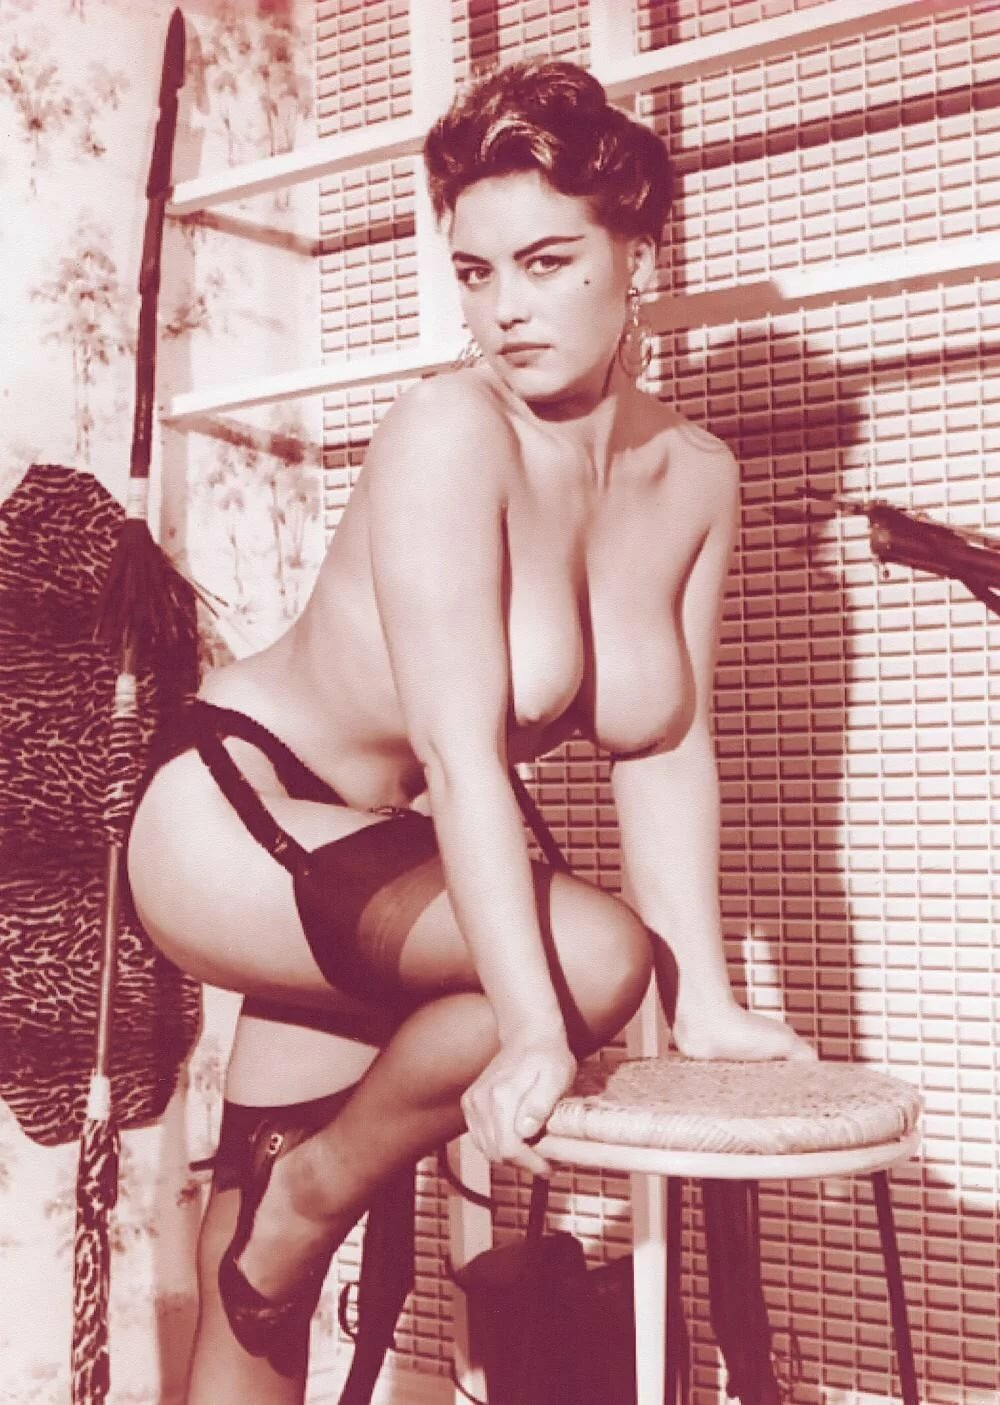 Vintage erotic photos